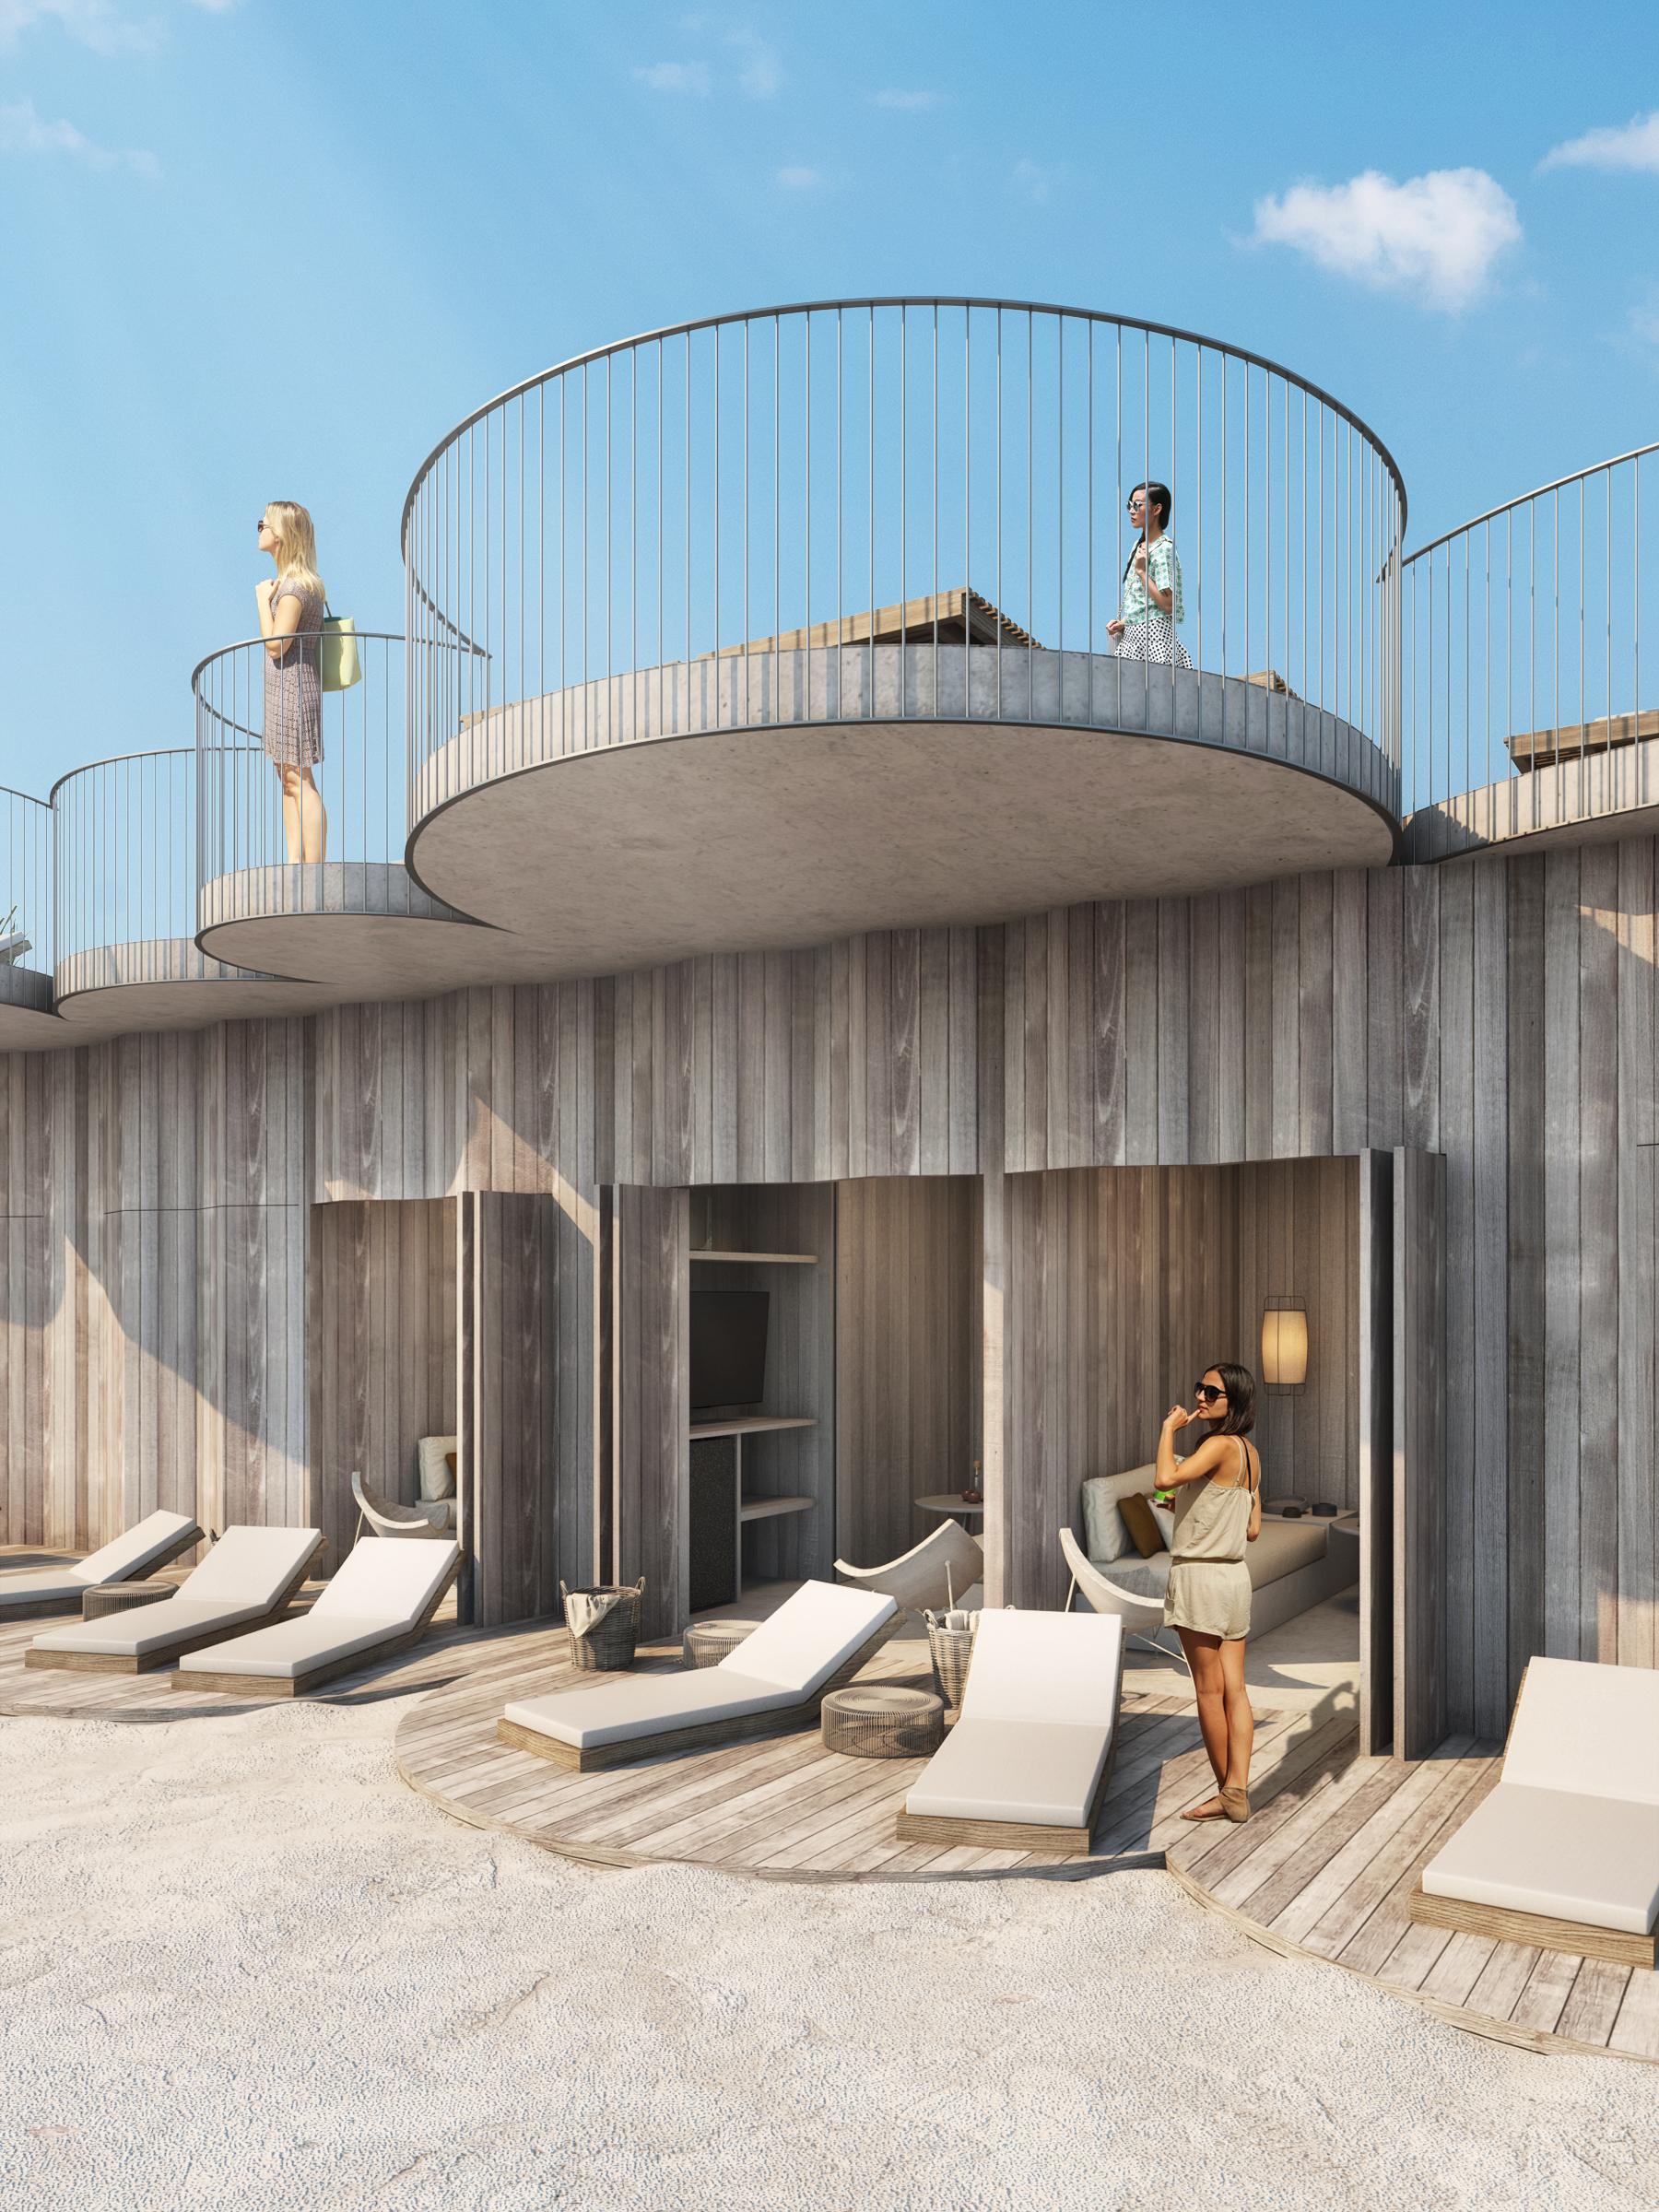 An exclusive cabana at Asbury Park